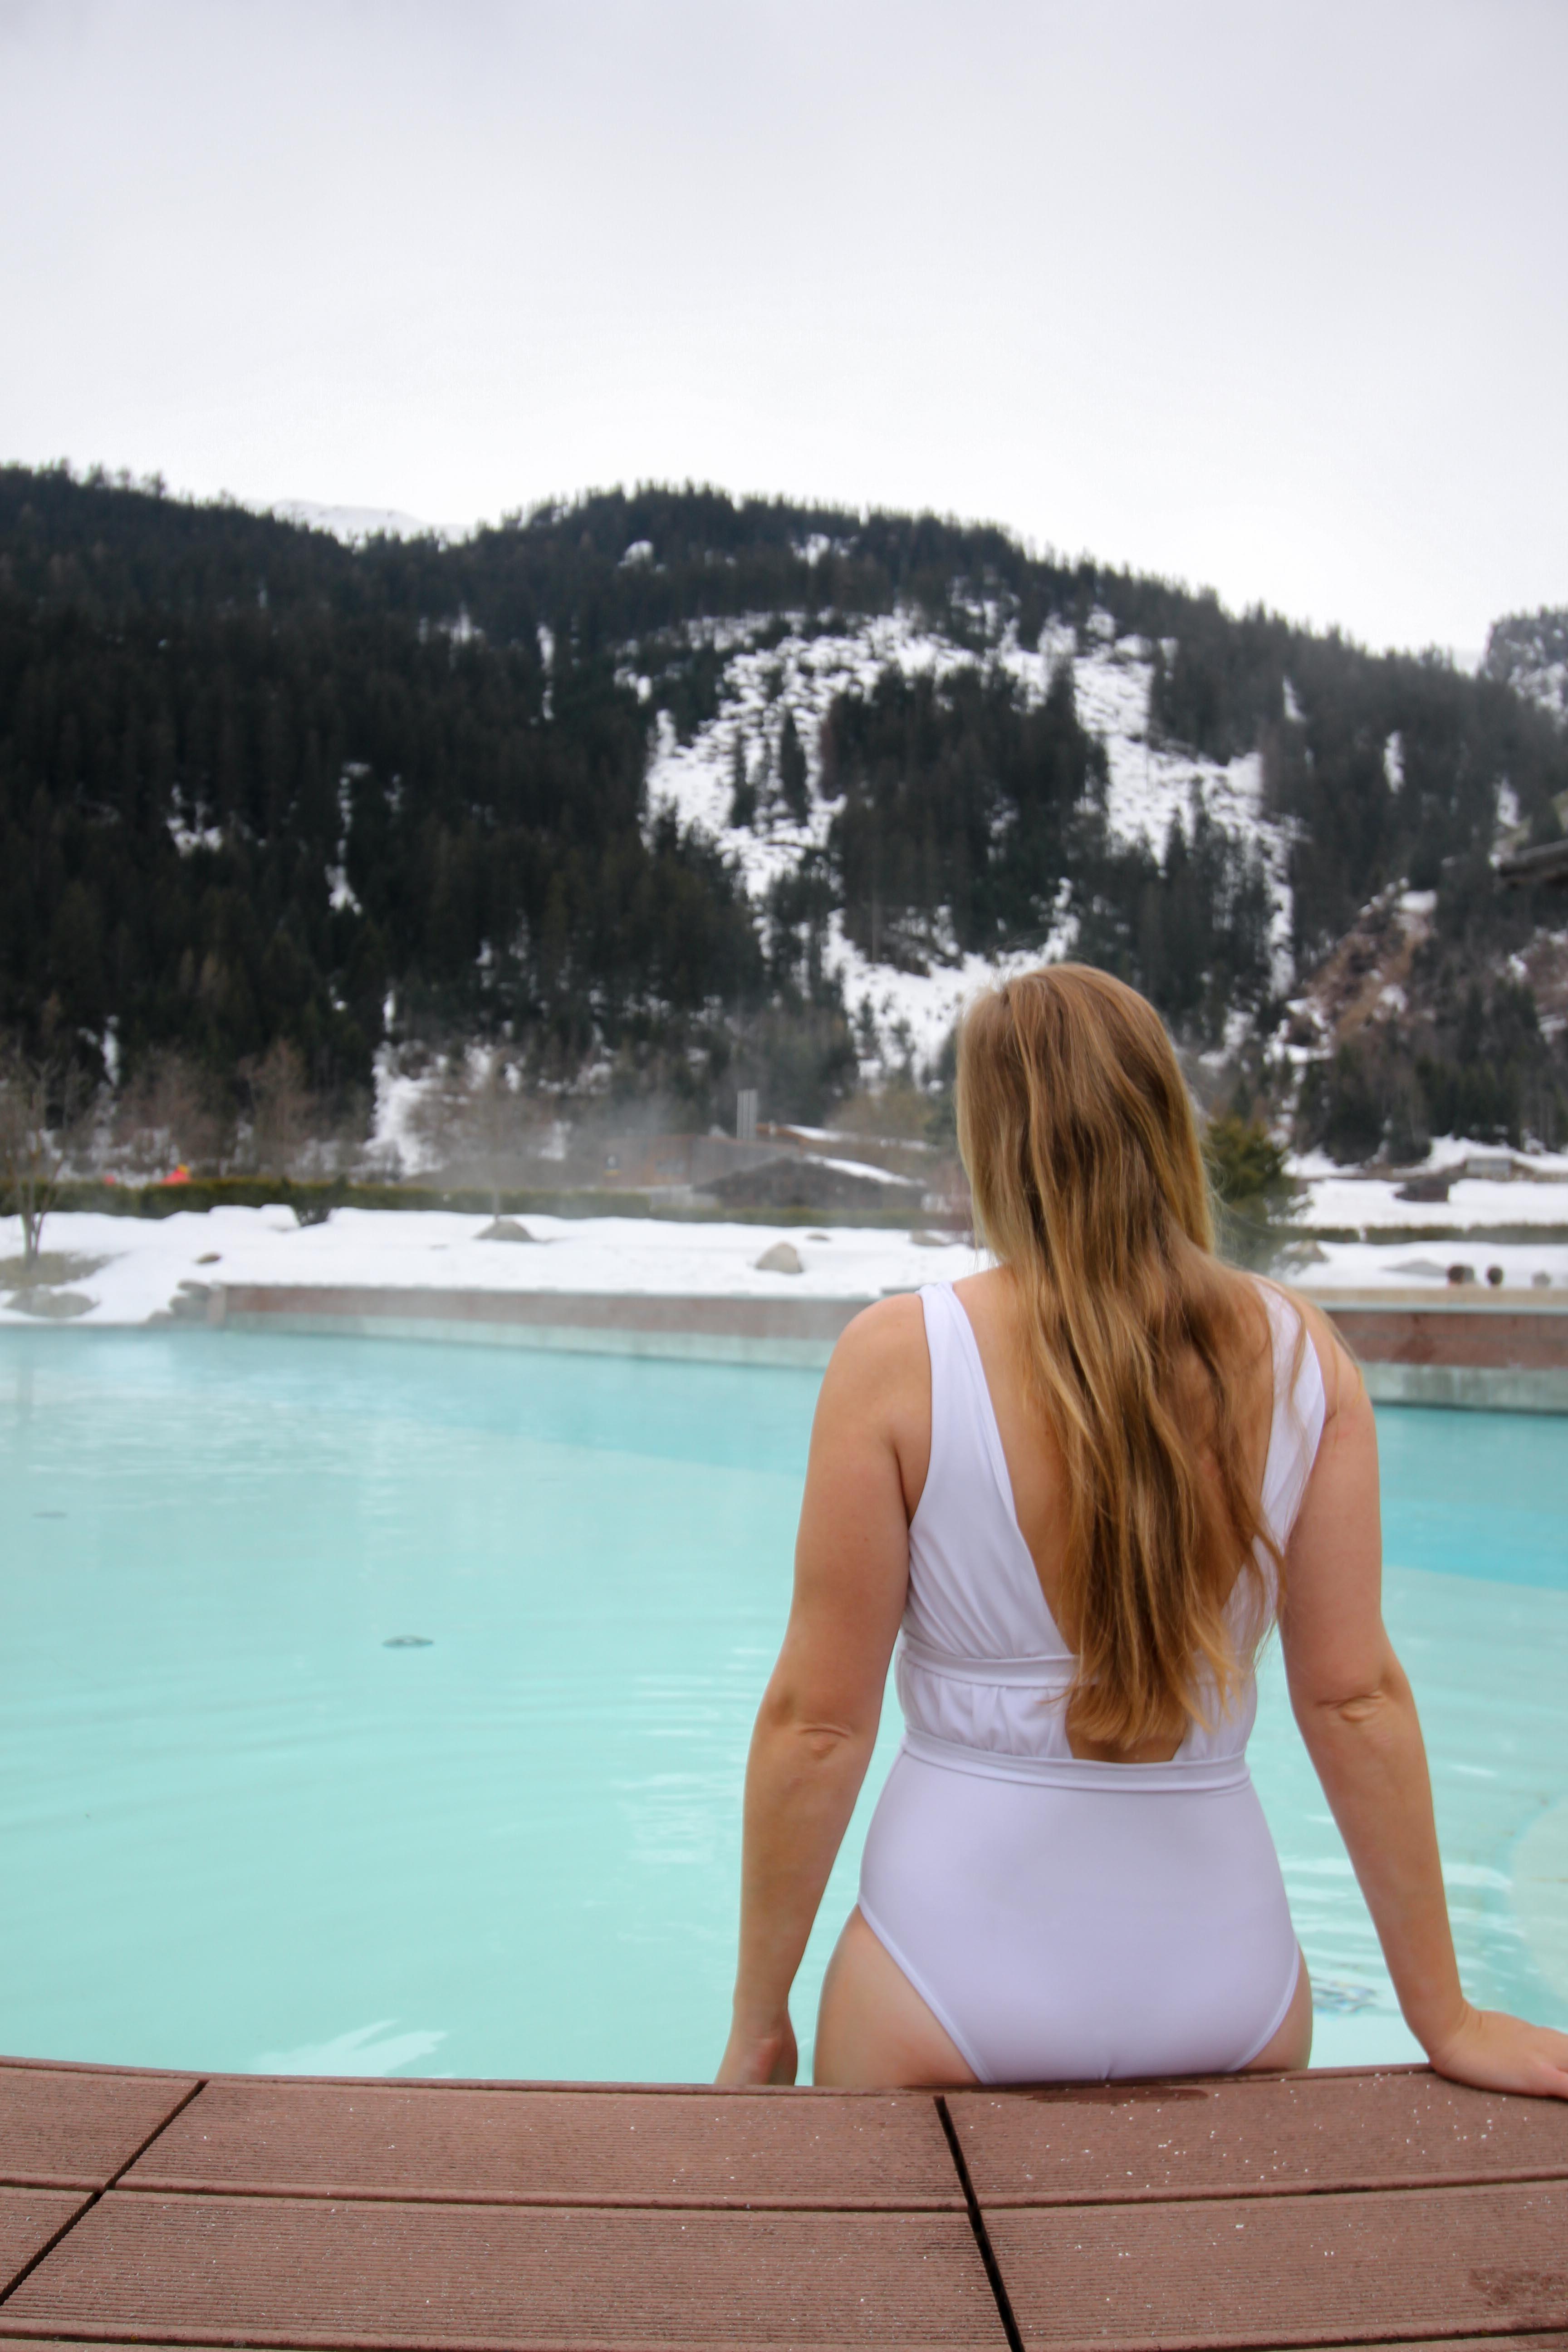 Südtirol Hotel Schneeberg Resort Spa Wellnessbereich Außenpool Italien Wellnesshotel Reiseblog Wellnessurlaub Kurzurlaub Hotelempfehlung